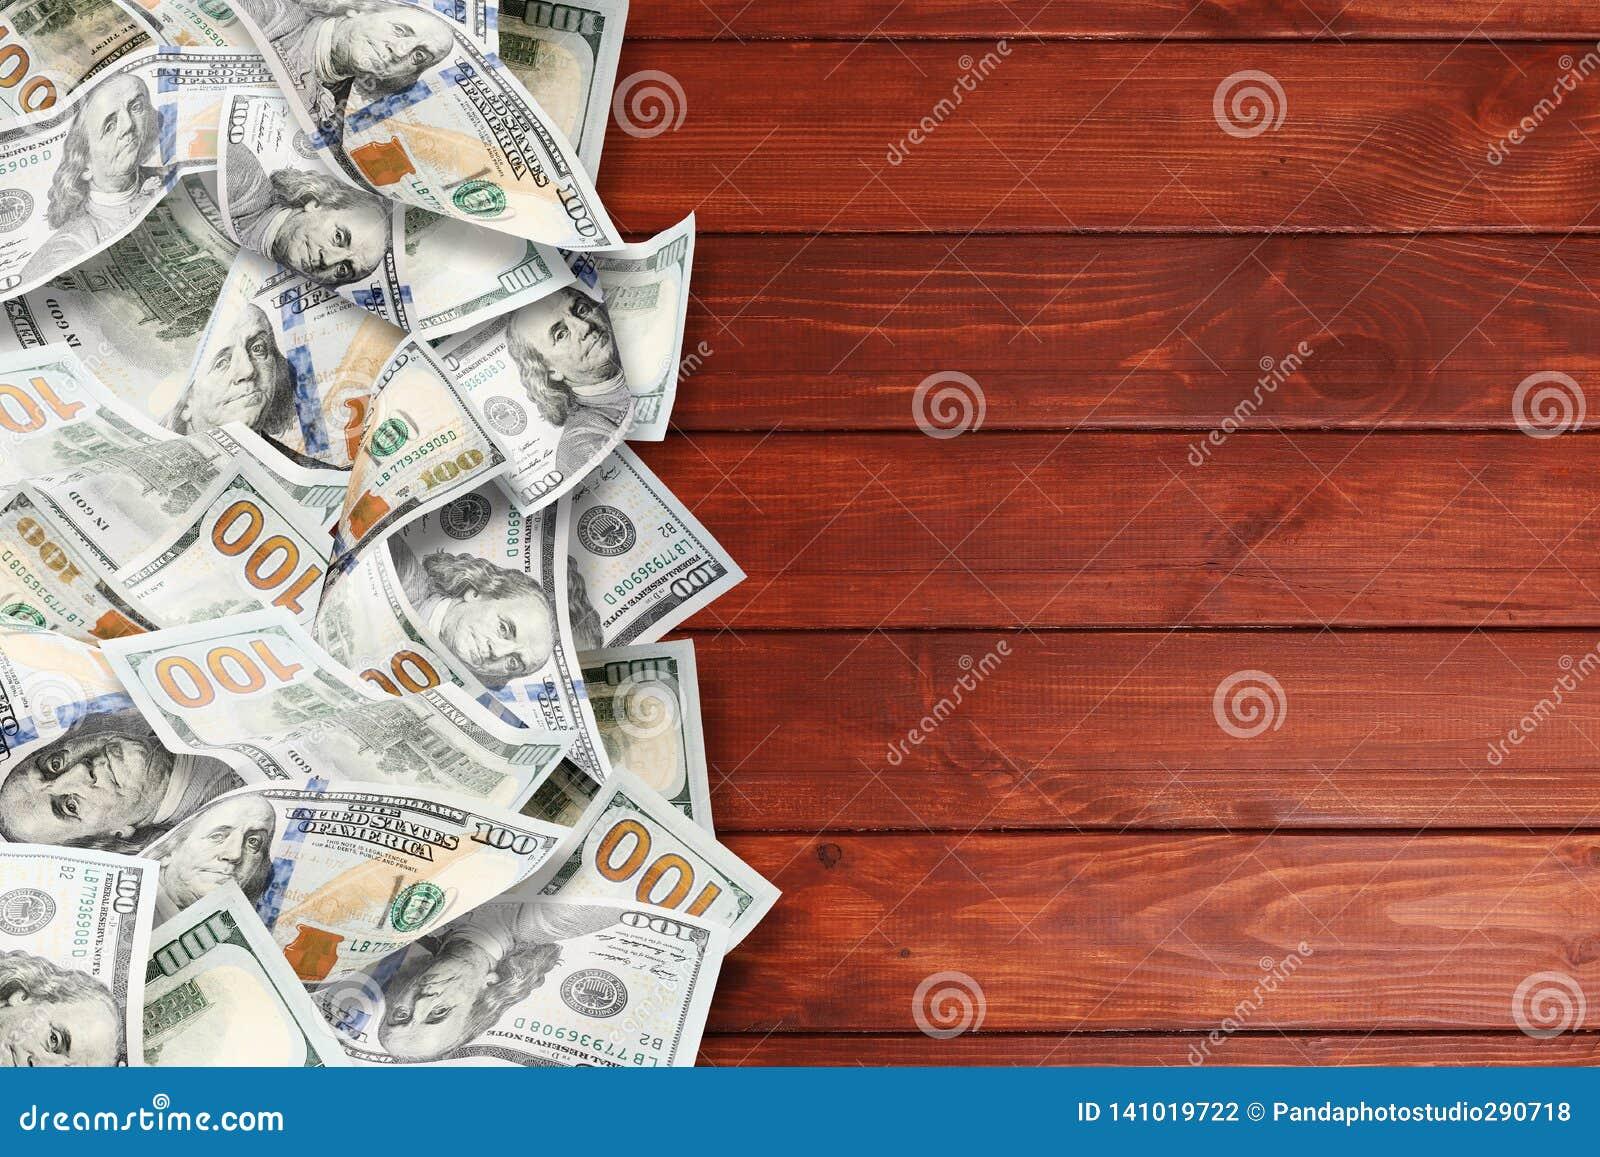 Heel wat dollars op een houten achtergrond